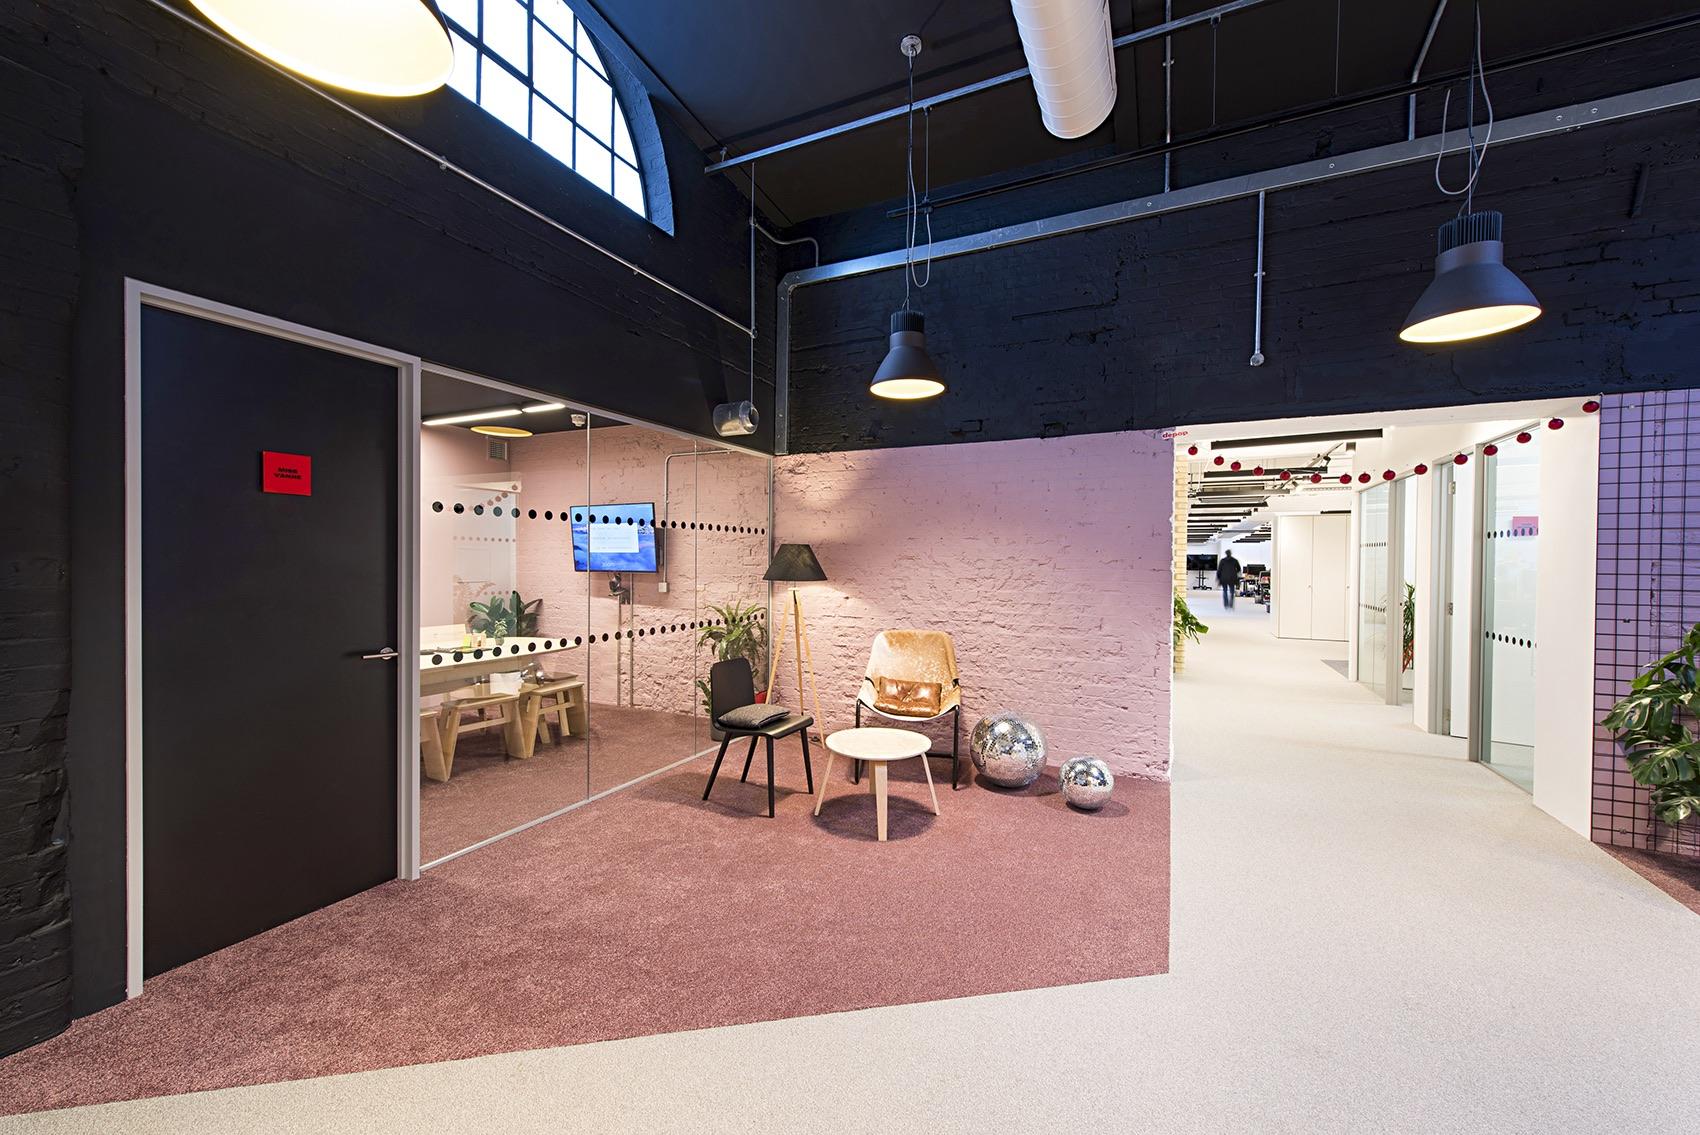 depop-london-office-2